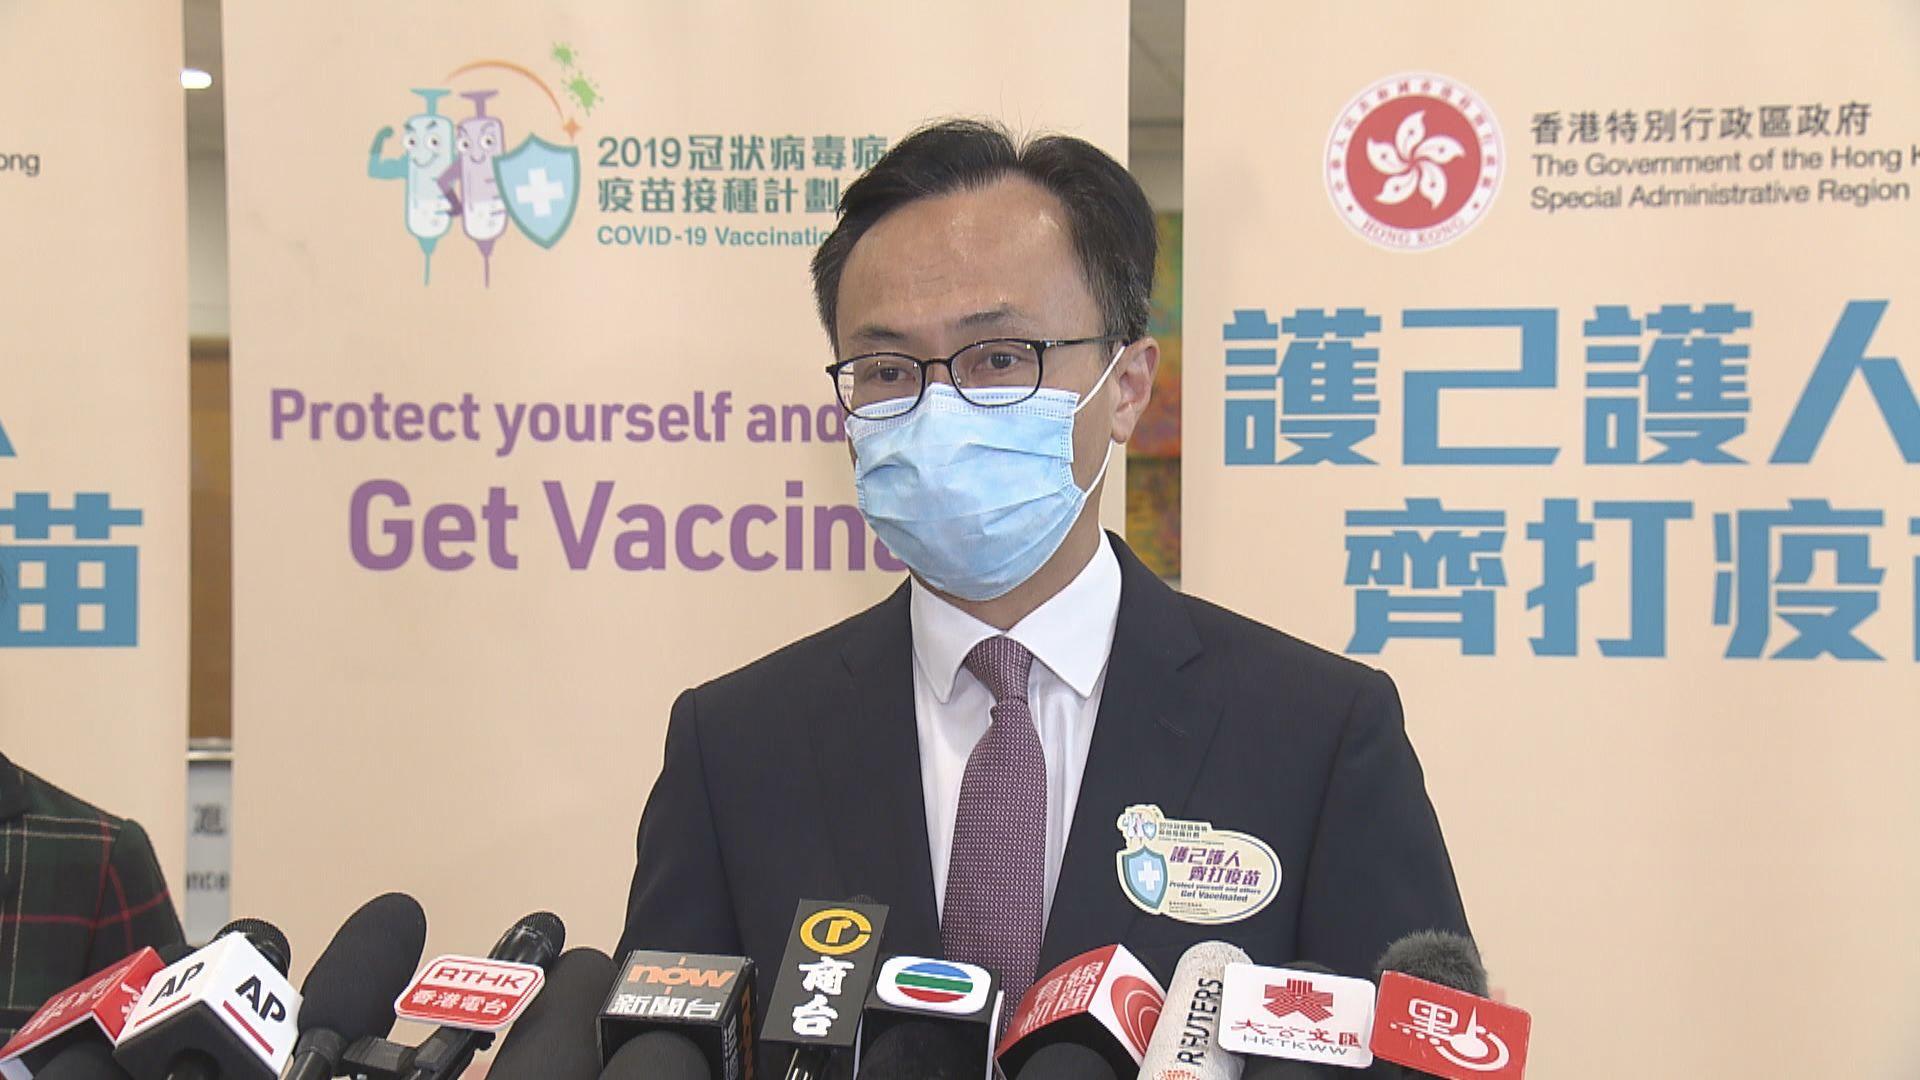 聶德權:日後有第二代疫苗是建基於已接種的兩劑疫苗